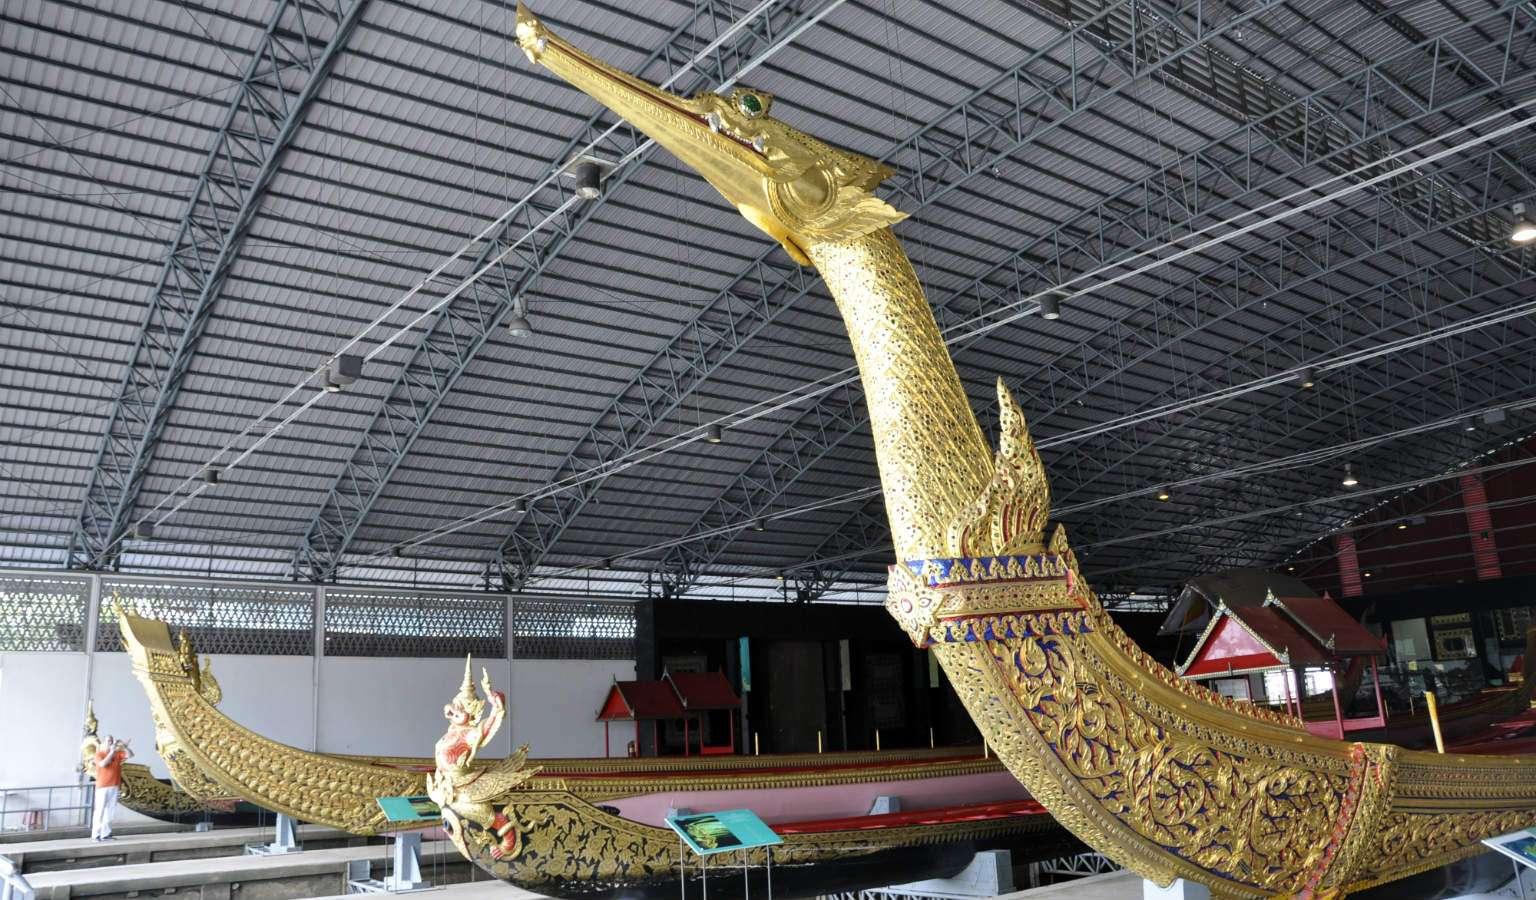 De koninklijke sloepen in het National Museum of Royal Barges in Bangkok